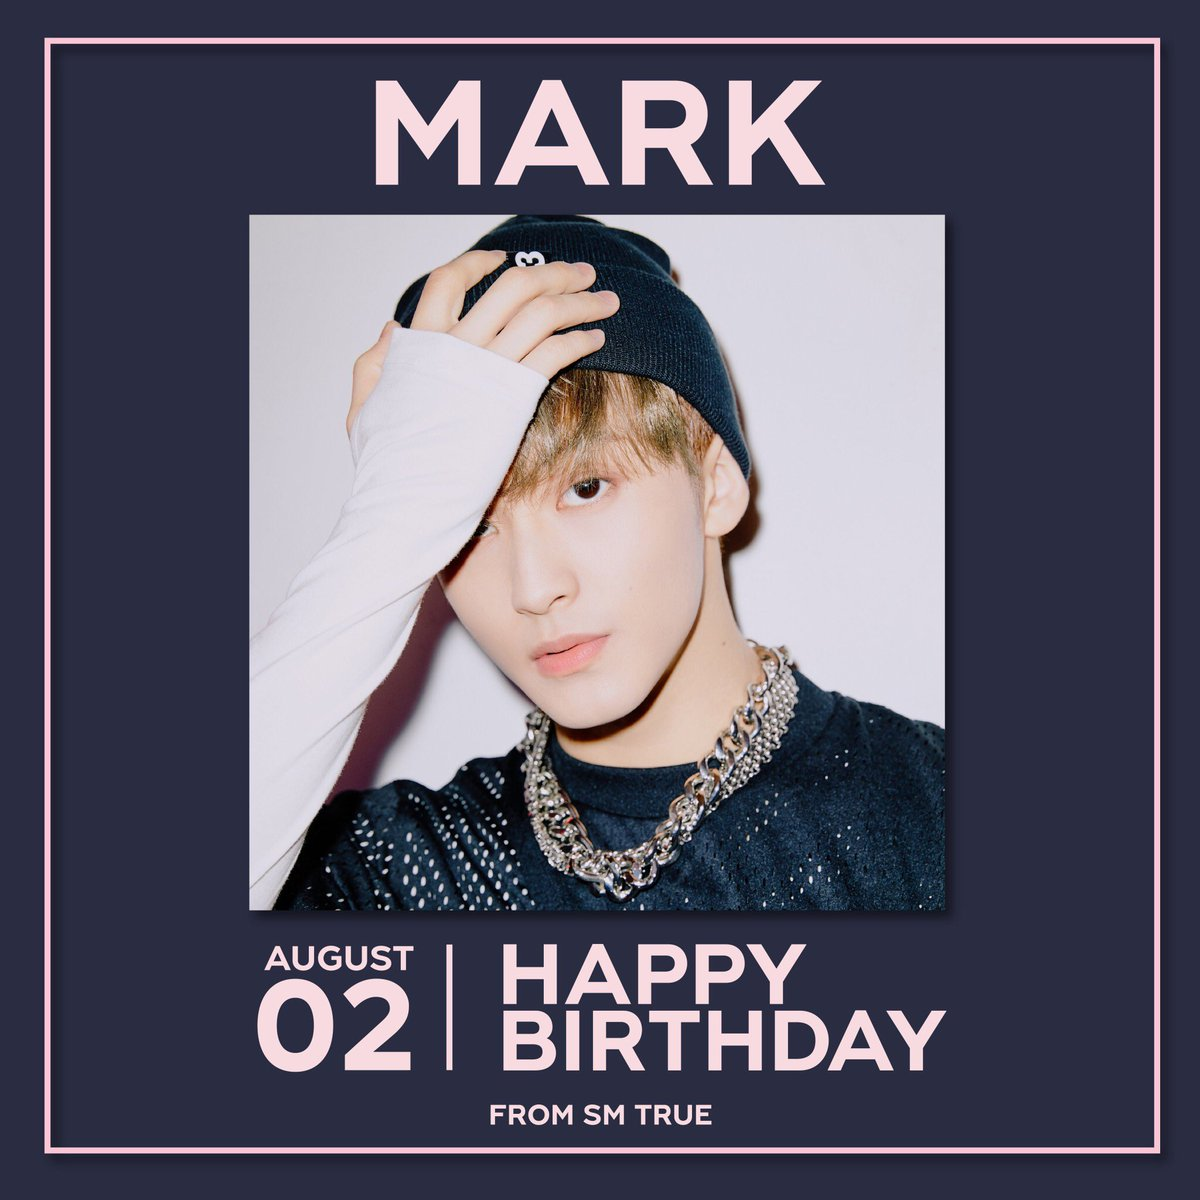 HAPPY BIRTHDAY TO #MARK ⠀⠀⠀⠀⠀⠀⠀⠀⠀⠀⠀⠀⠀⠀⠀⠀ 02/08/2020 ⠀⠀⠀⠀⠀⠀⠀⠀⠀⠀⠀⠀⠀⠀⠀⠀...